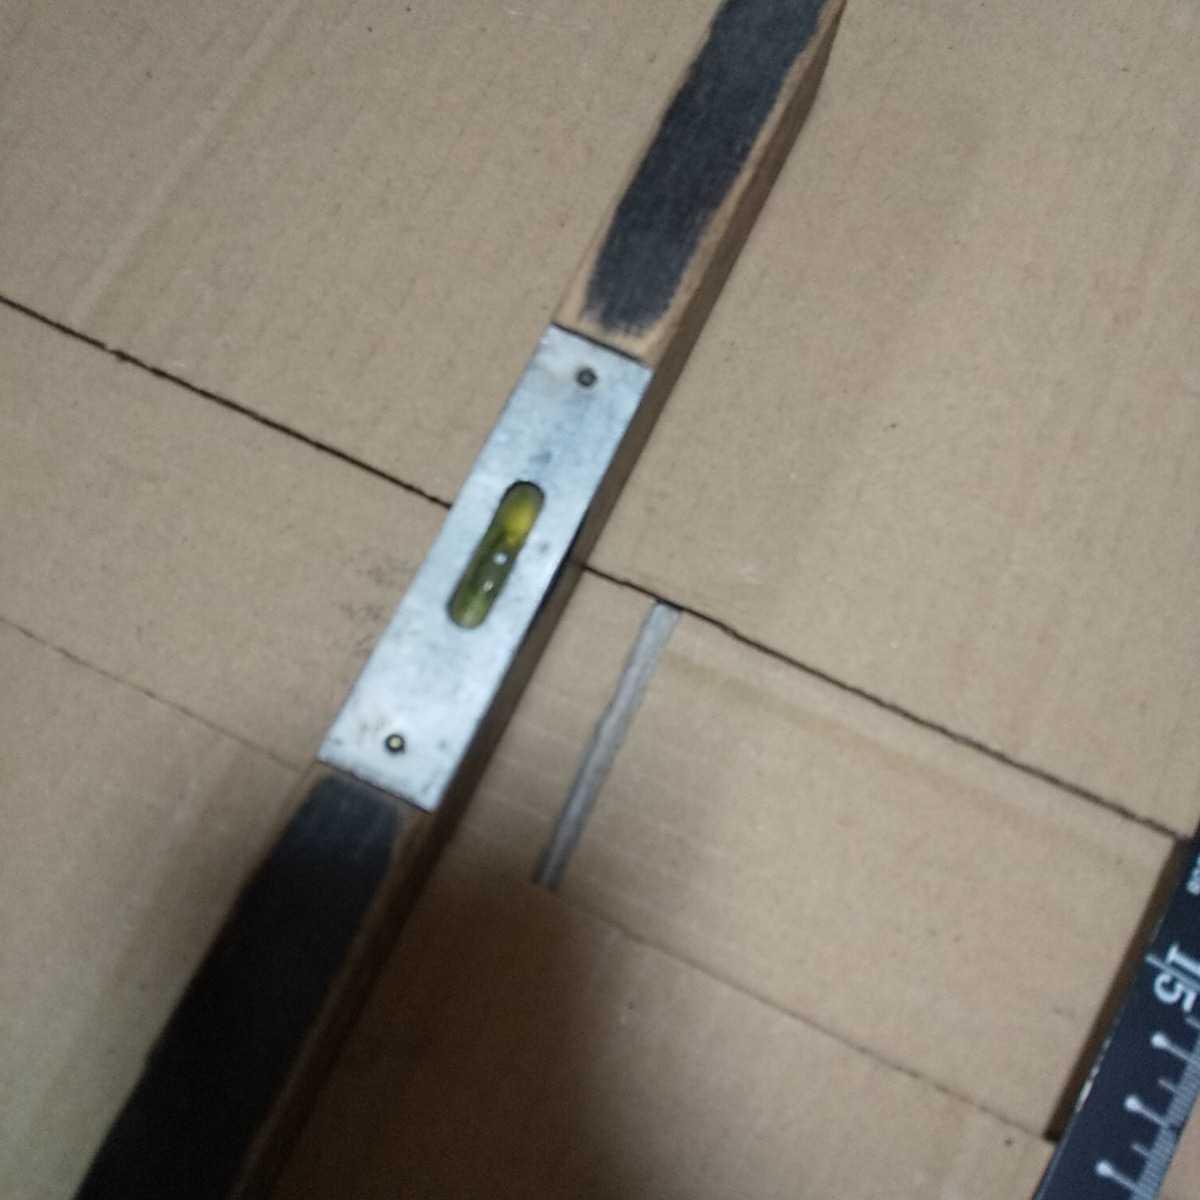 大工道具 アンティーク 水平器 ジャンク 昭和 レトロ 古い コレクション 古道具 送料無料_画像2